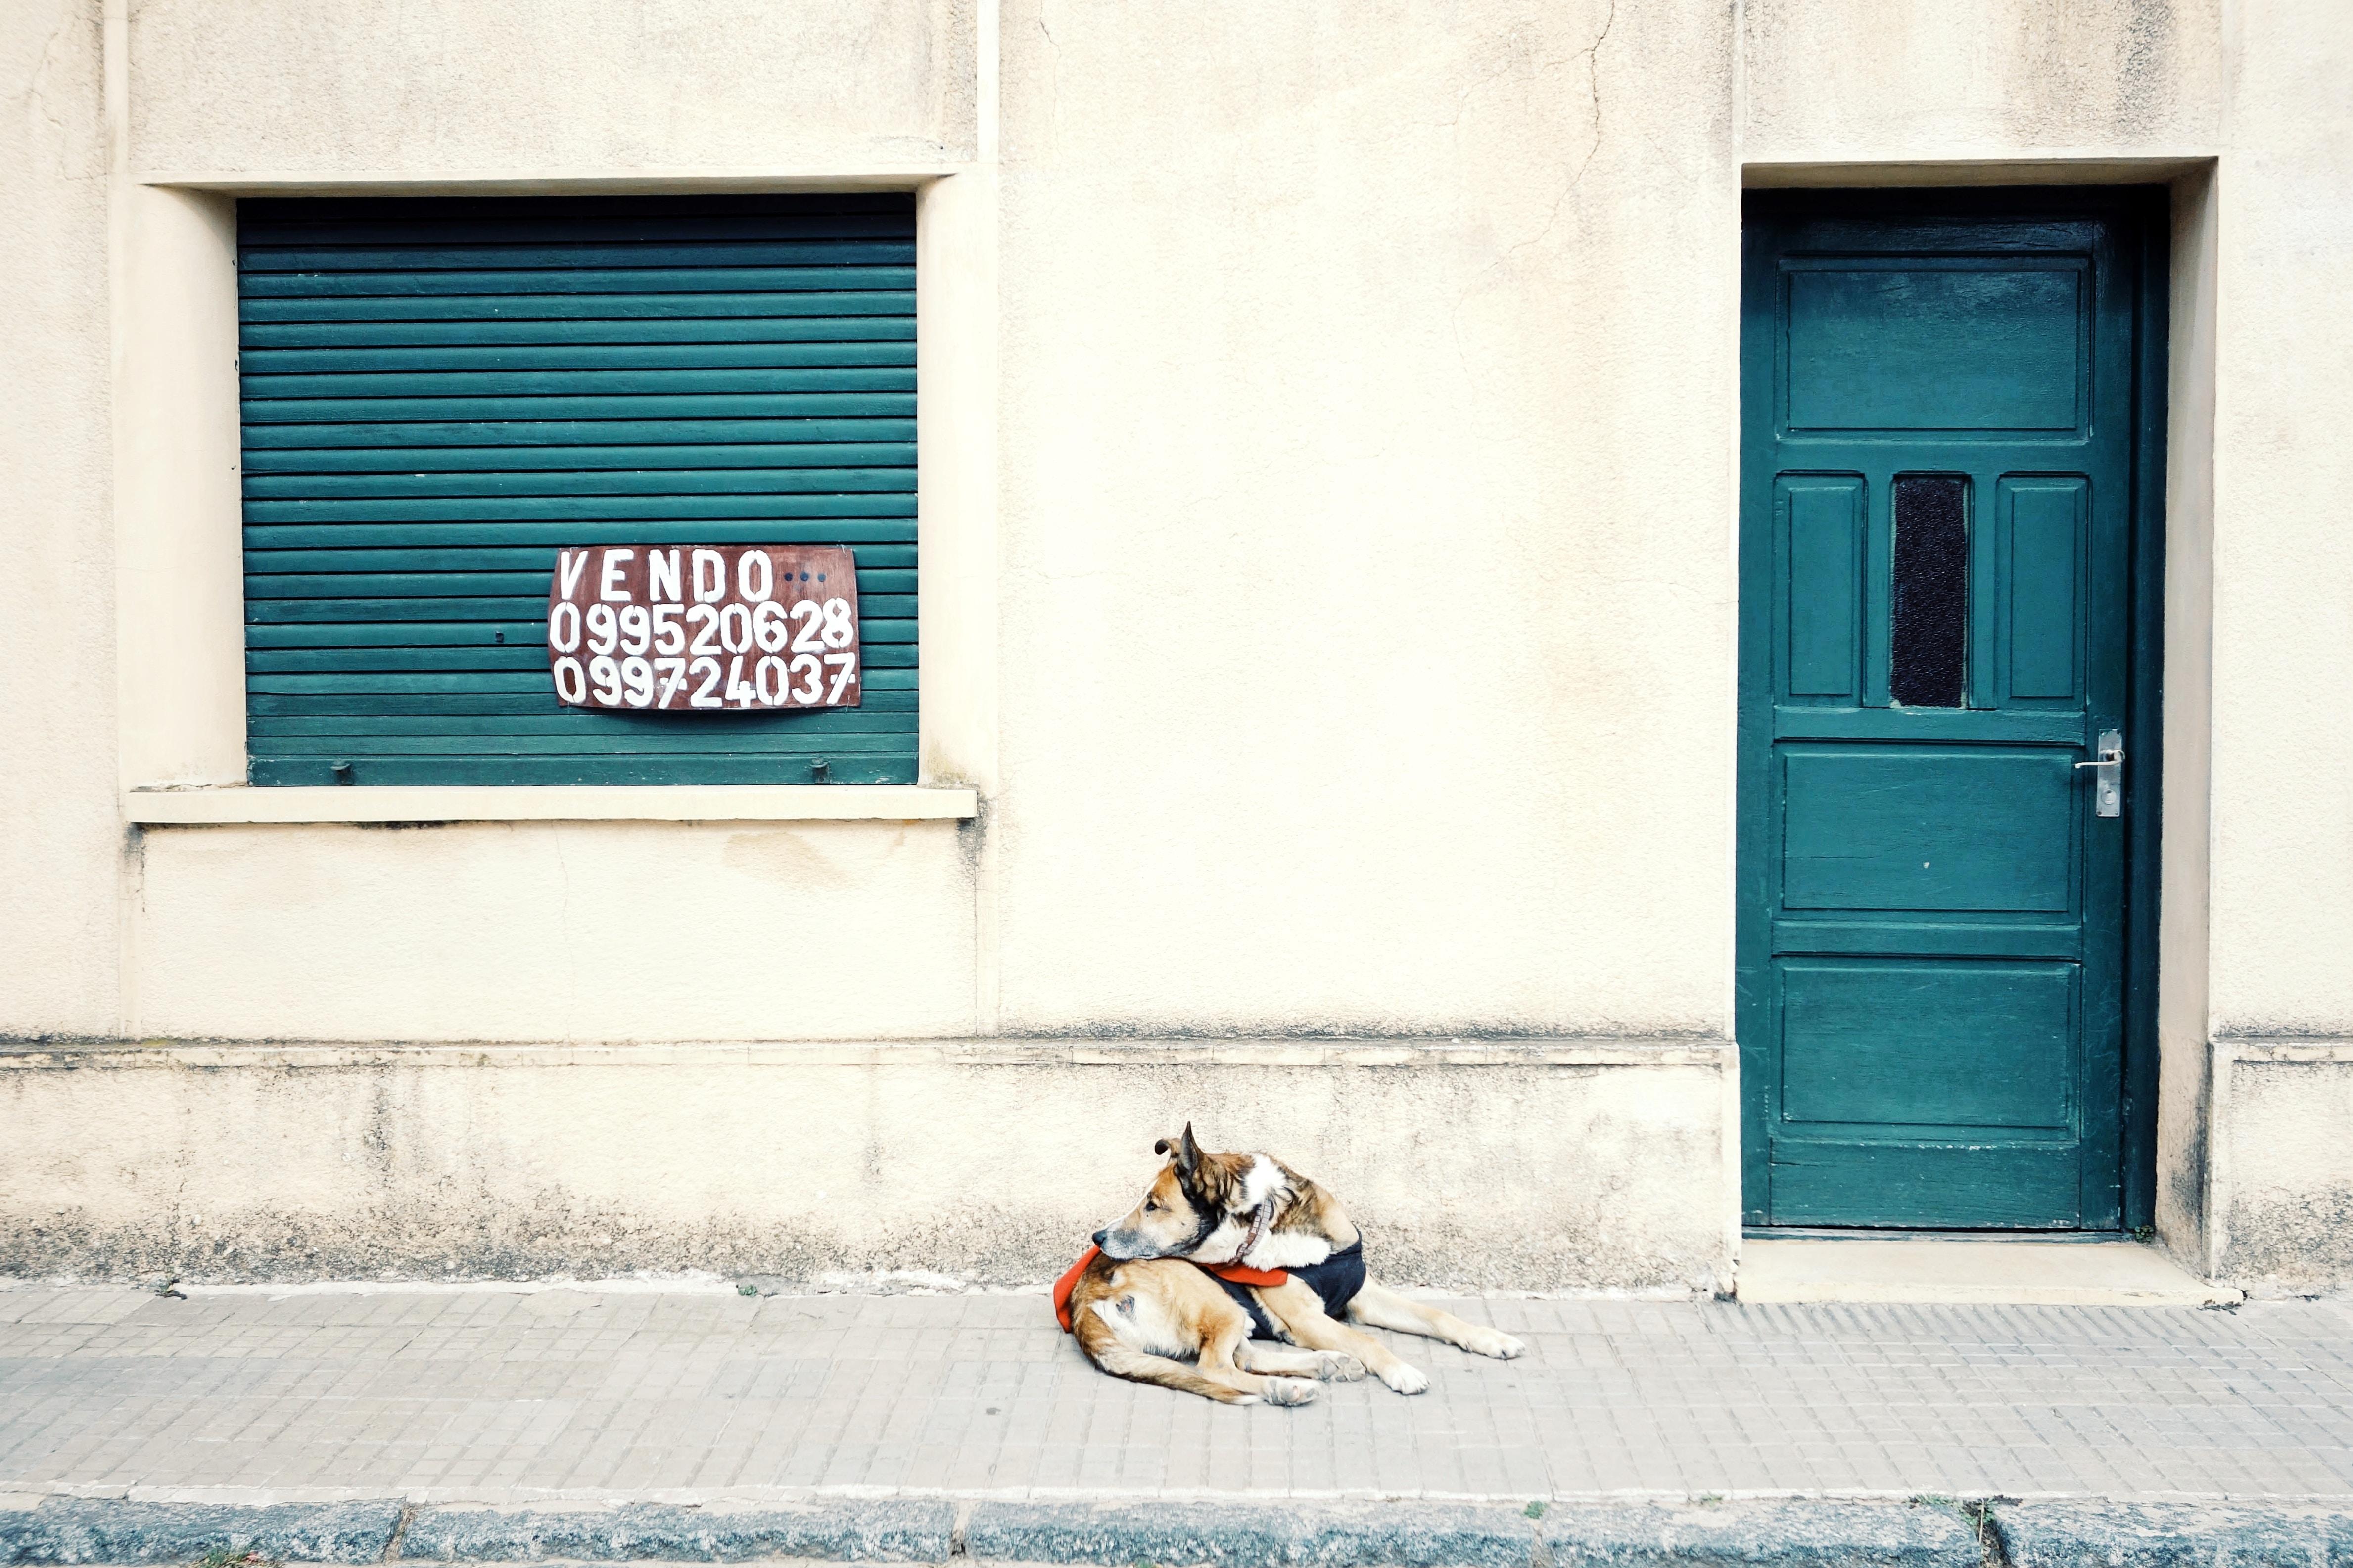 brown lying on sidewalk beside closed blue wooden door